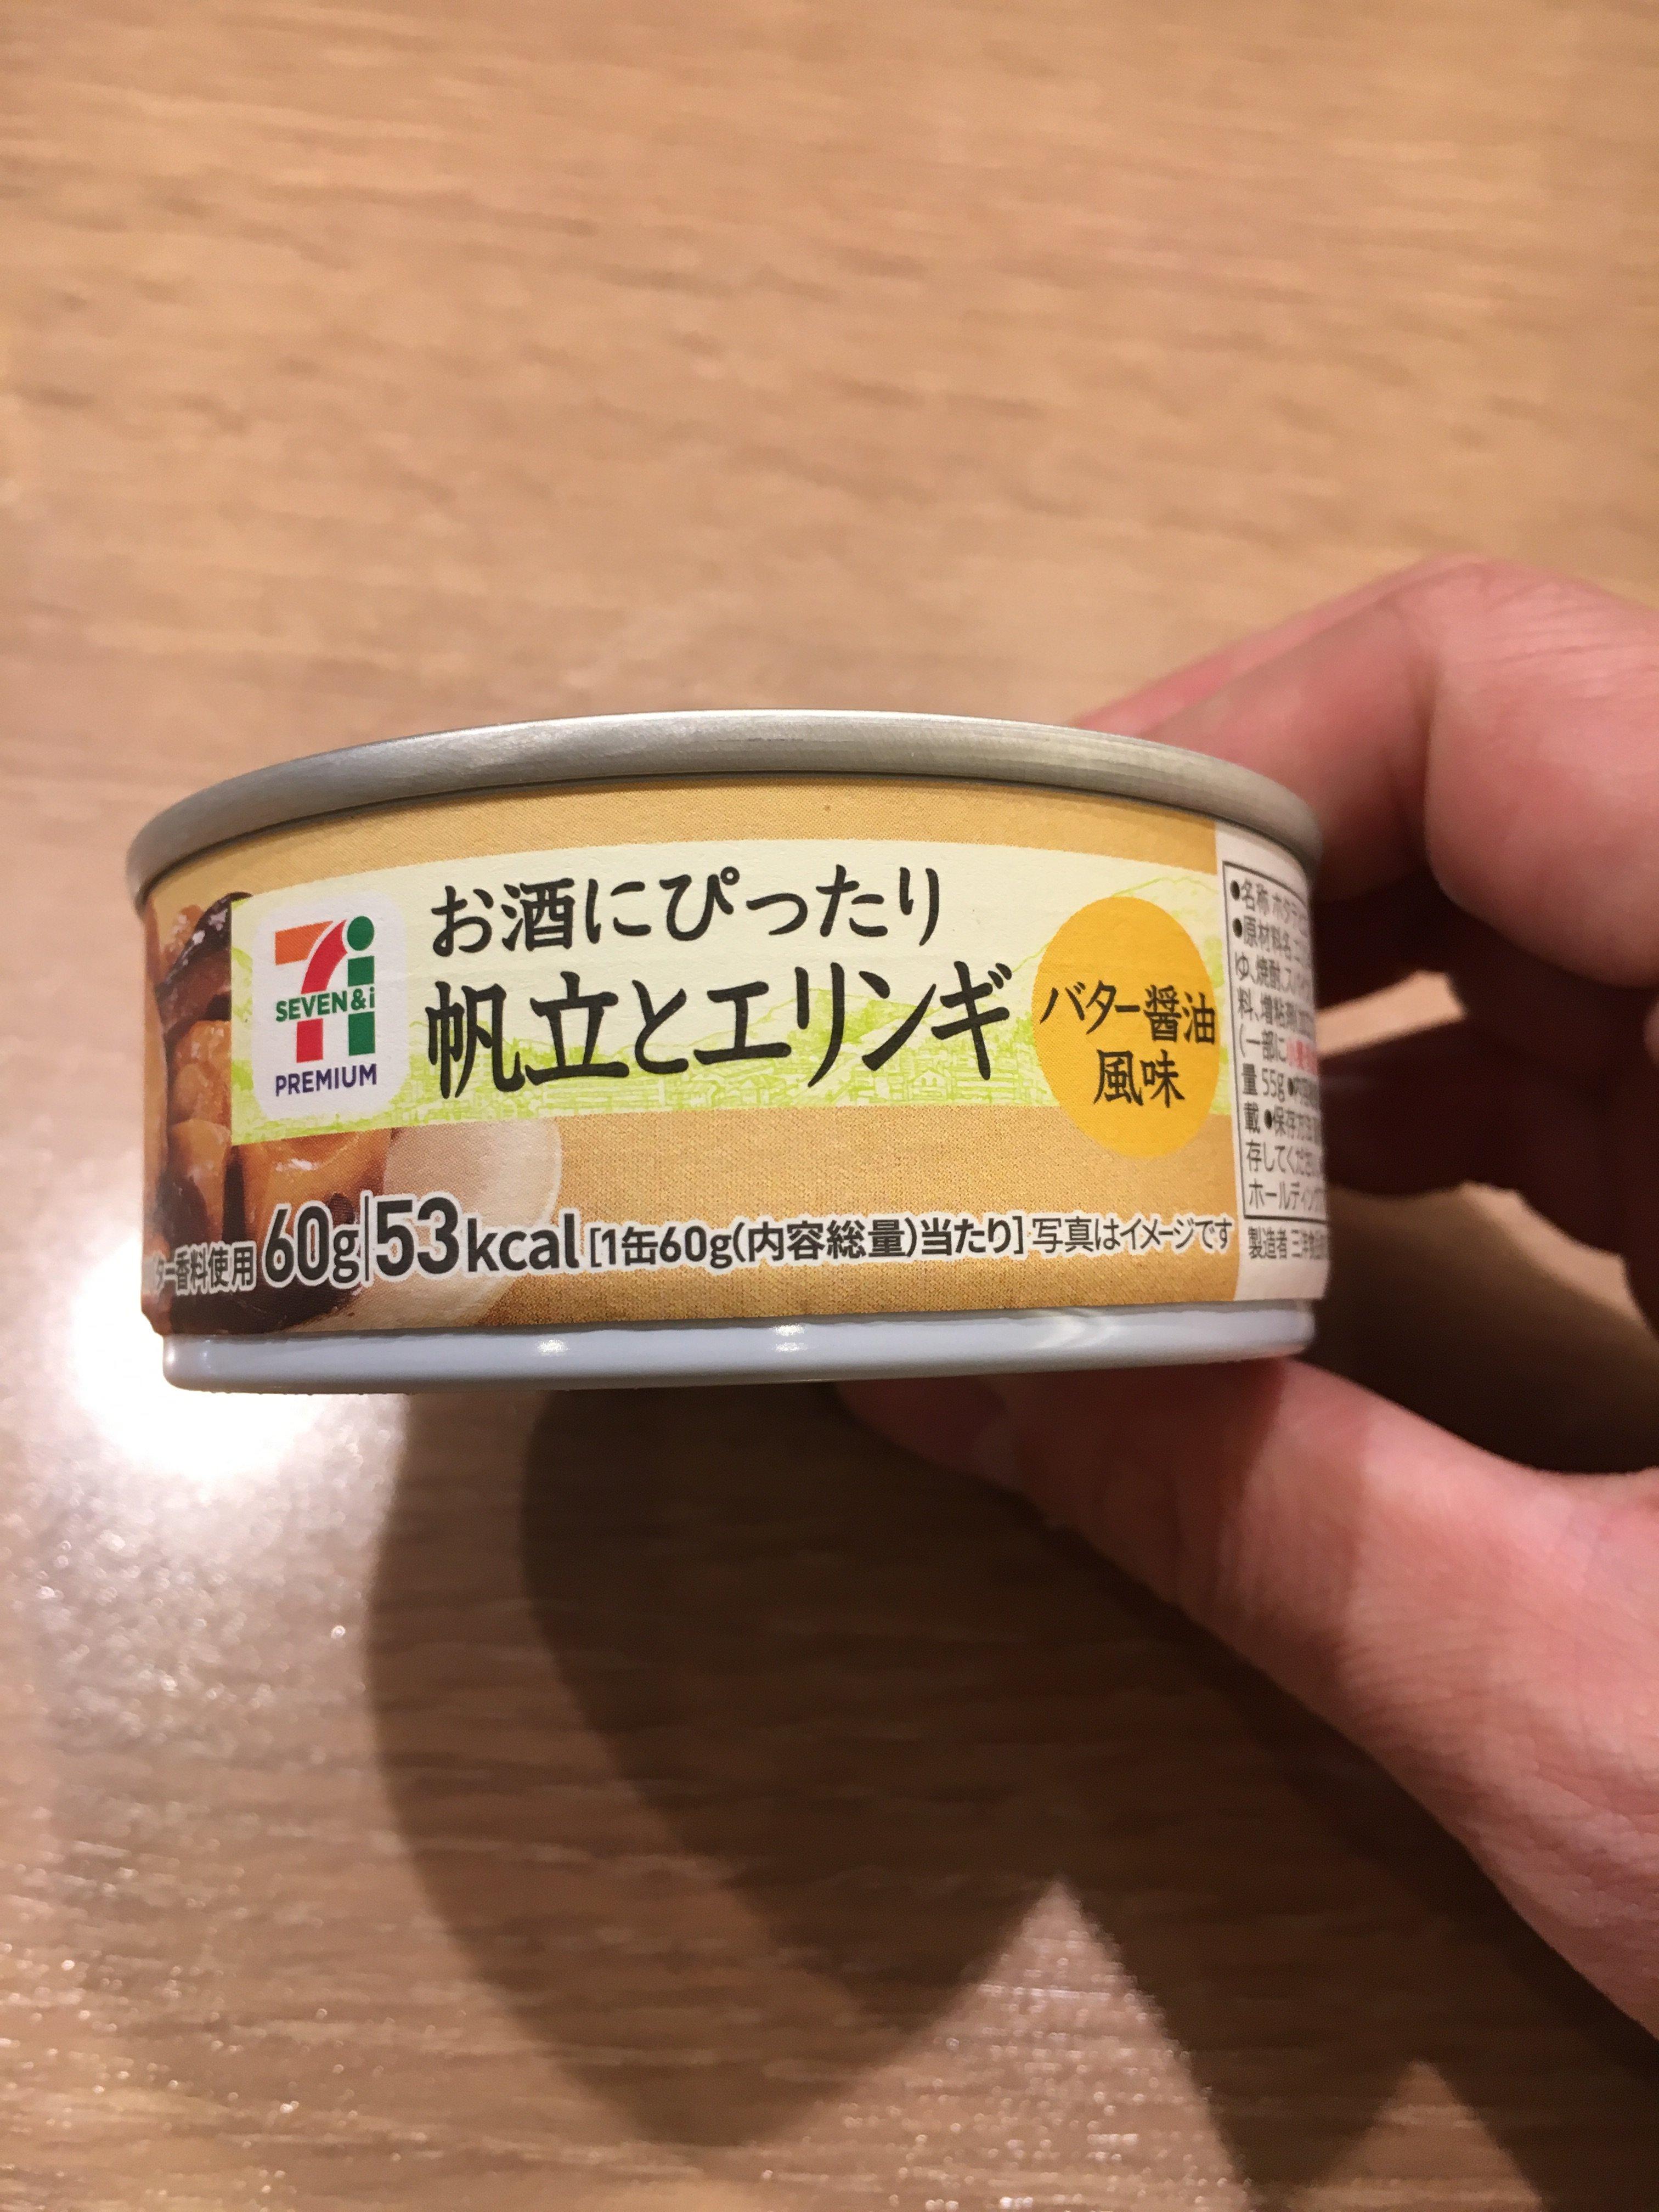 セブンイレブン缶詰 お酒にぴったりホタテとエリンギ バター醤油風味 わりと好きです